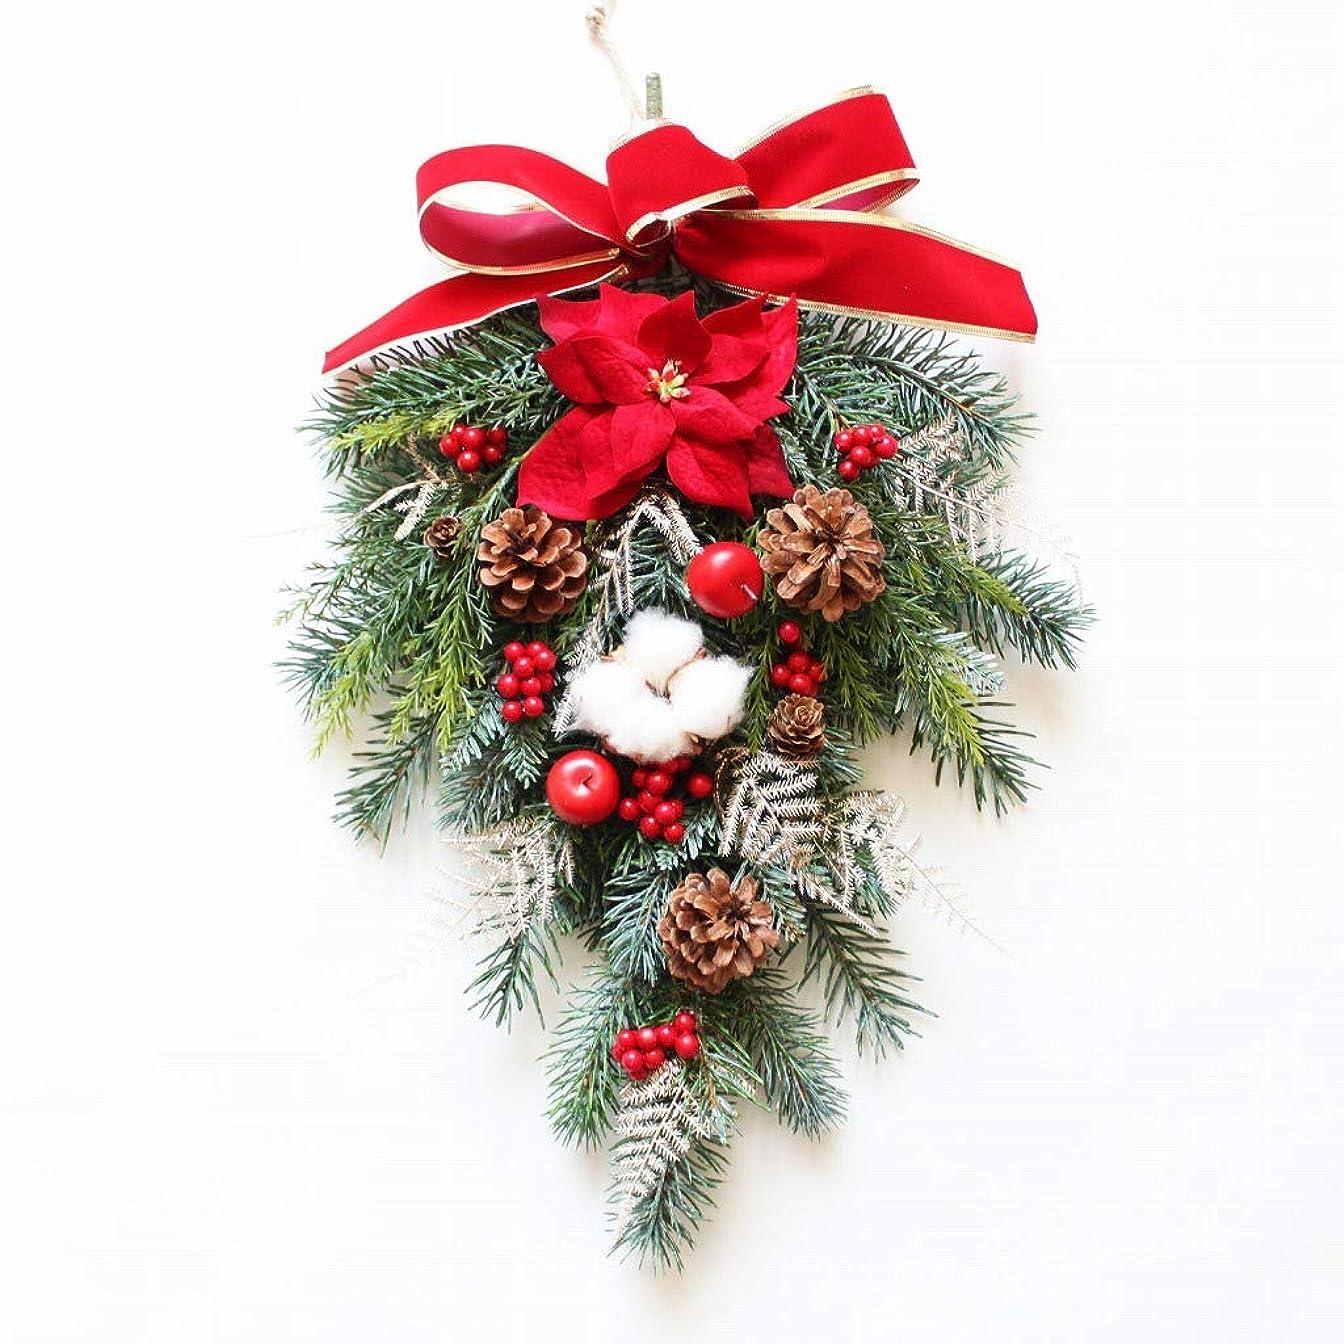 ワックス蒸発するヘッドレスグランドグルー クリスマスリース クリスマス飾り クリスマス玄関飾り スワッグ 造花 アーティフィッシャルフラワー 玄関飾り 壁掛け